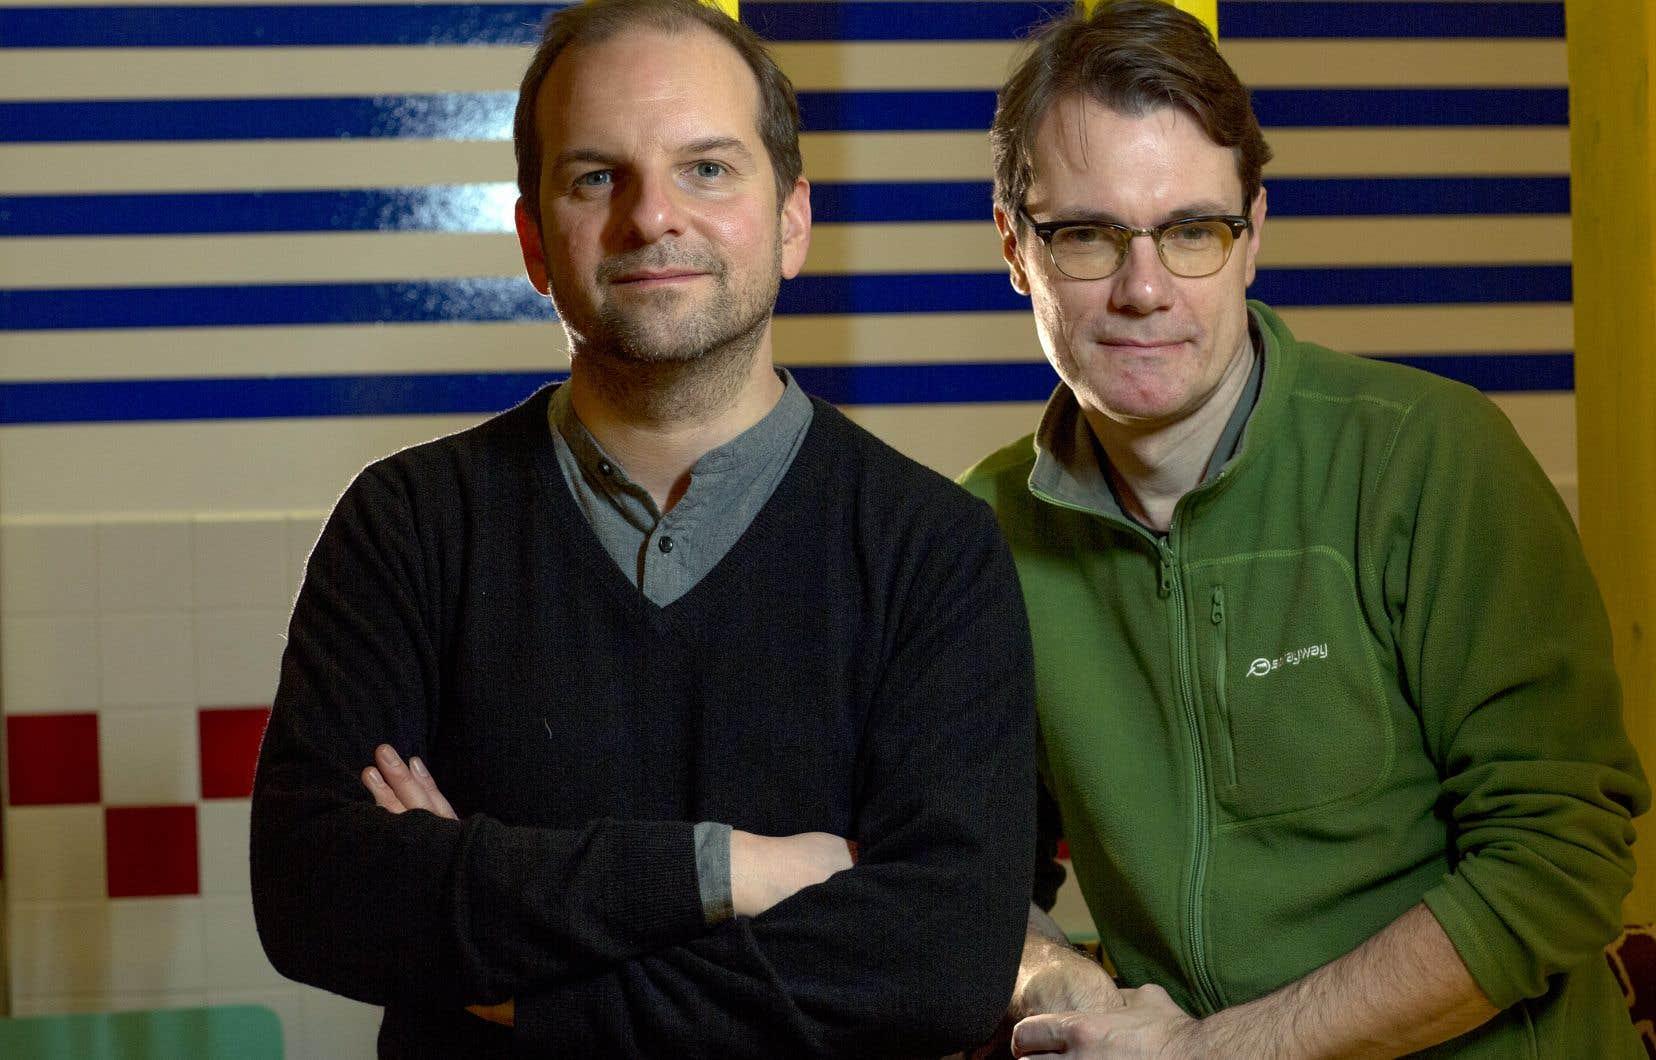 L'auteur Sébastien Harrisson et le metteur en scène Michael Delaunoy se sont rencontrés en 2000. Ils savaient qu'un jour, une production conjointe naîtrait.